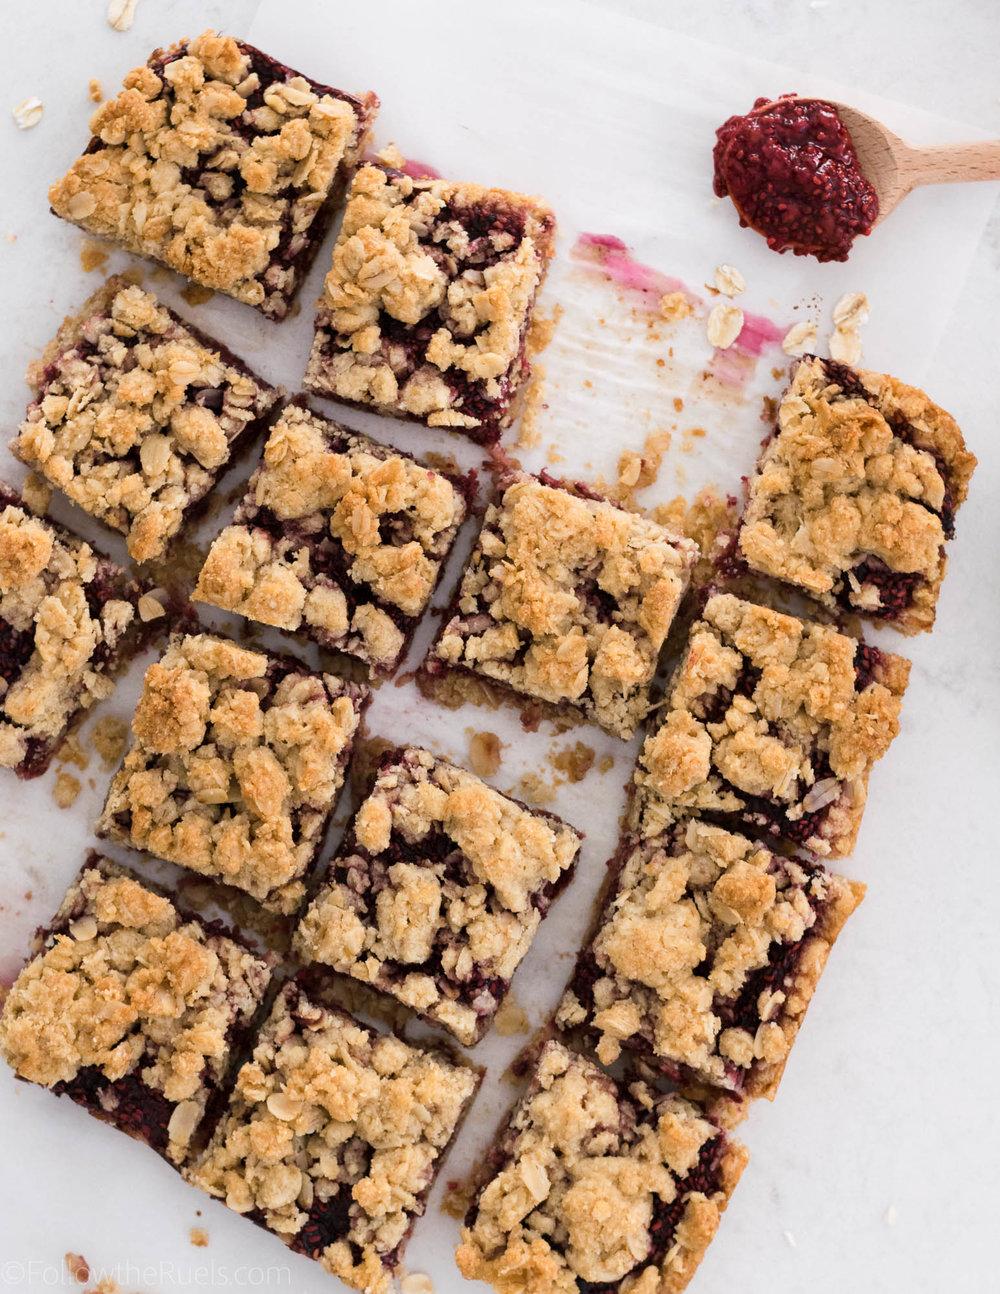 Raspberry-Oatmeal-Bars-12.jpg